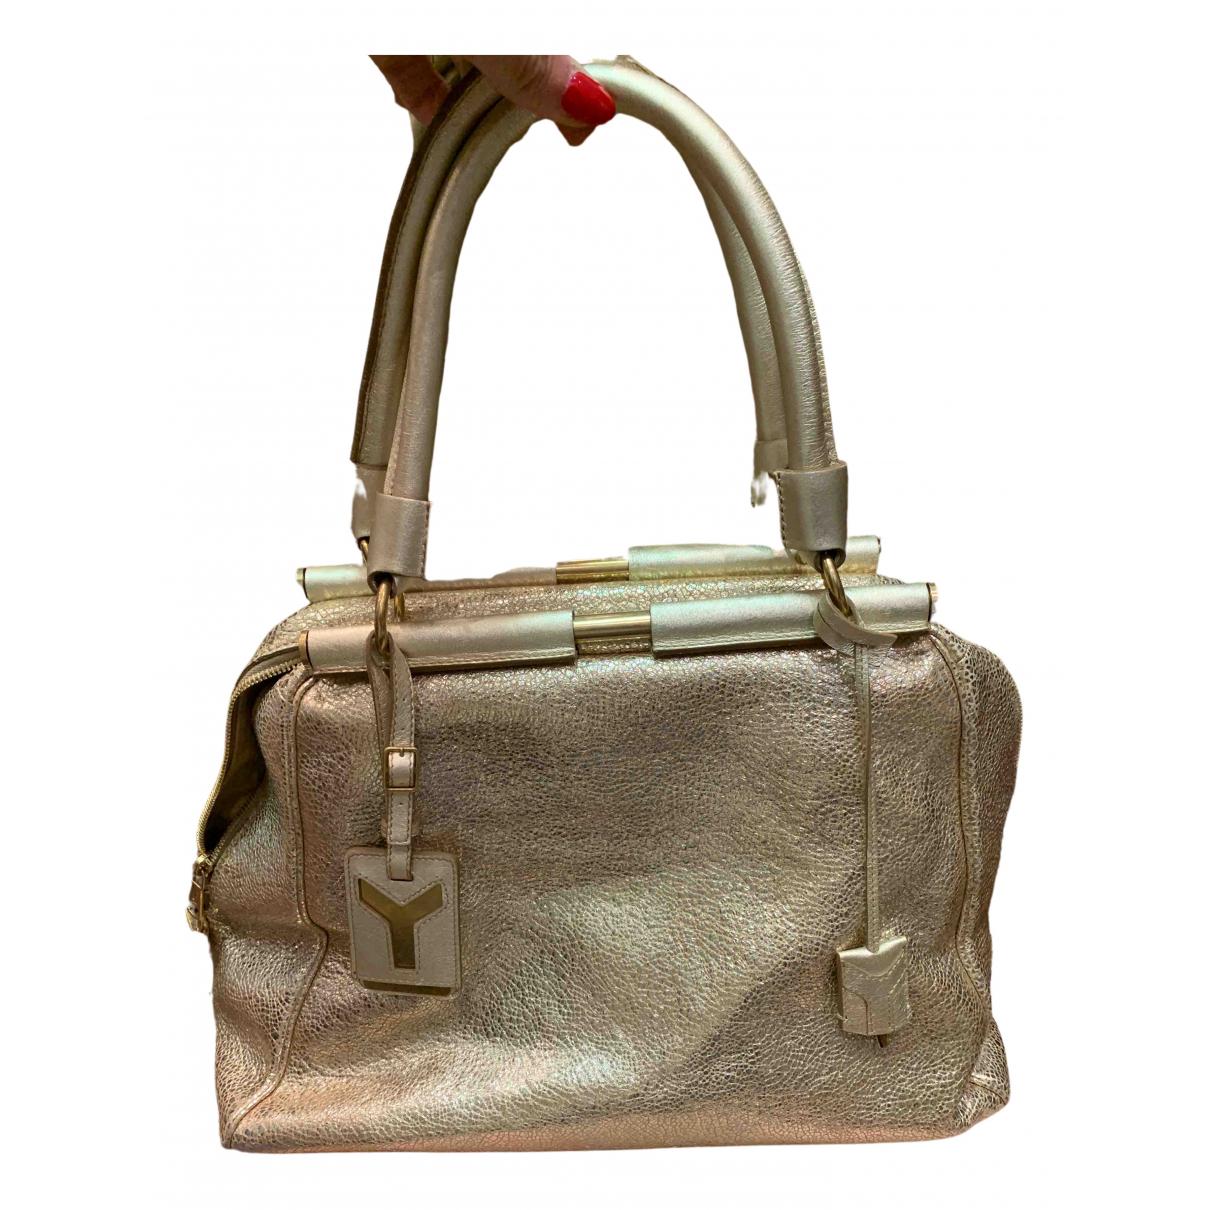 Yves Saint Laurent N Gold Leather handbag for Women N